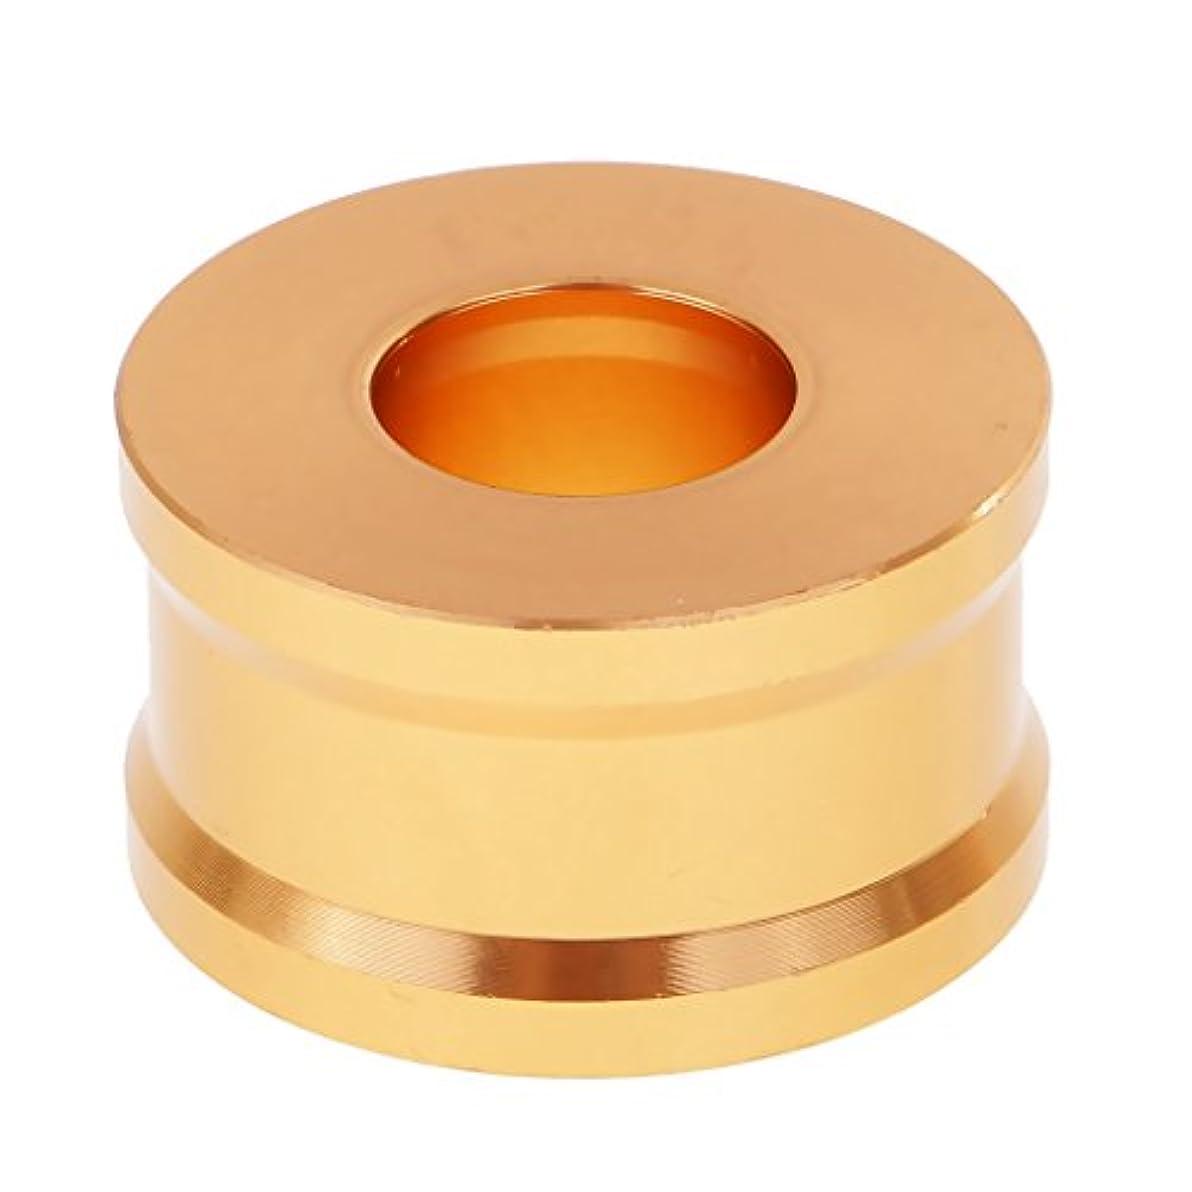 コンテンツ比喩ミケランジェロInjoyo パーソナリティメイクアップツール口紅化粧品DIY金型/金型製作ツール12.1mmチューブ用シリコン口紅金型充填リング